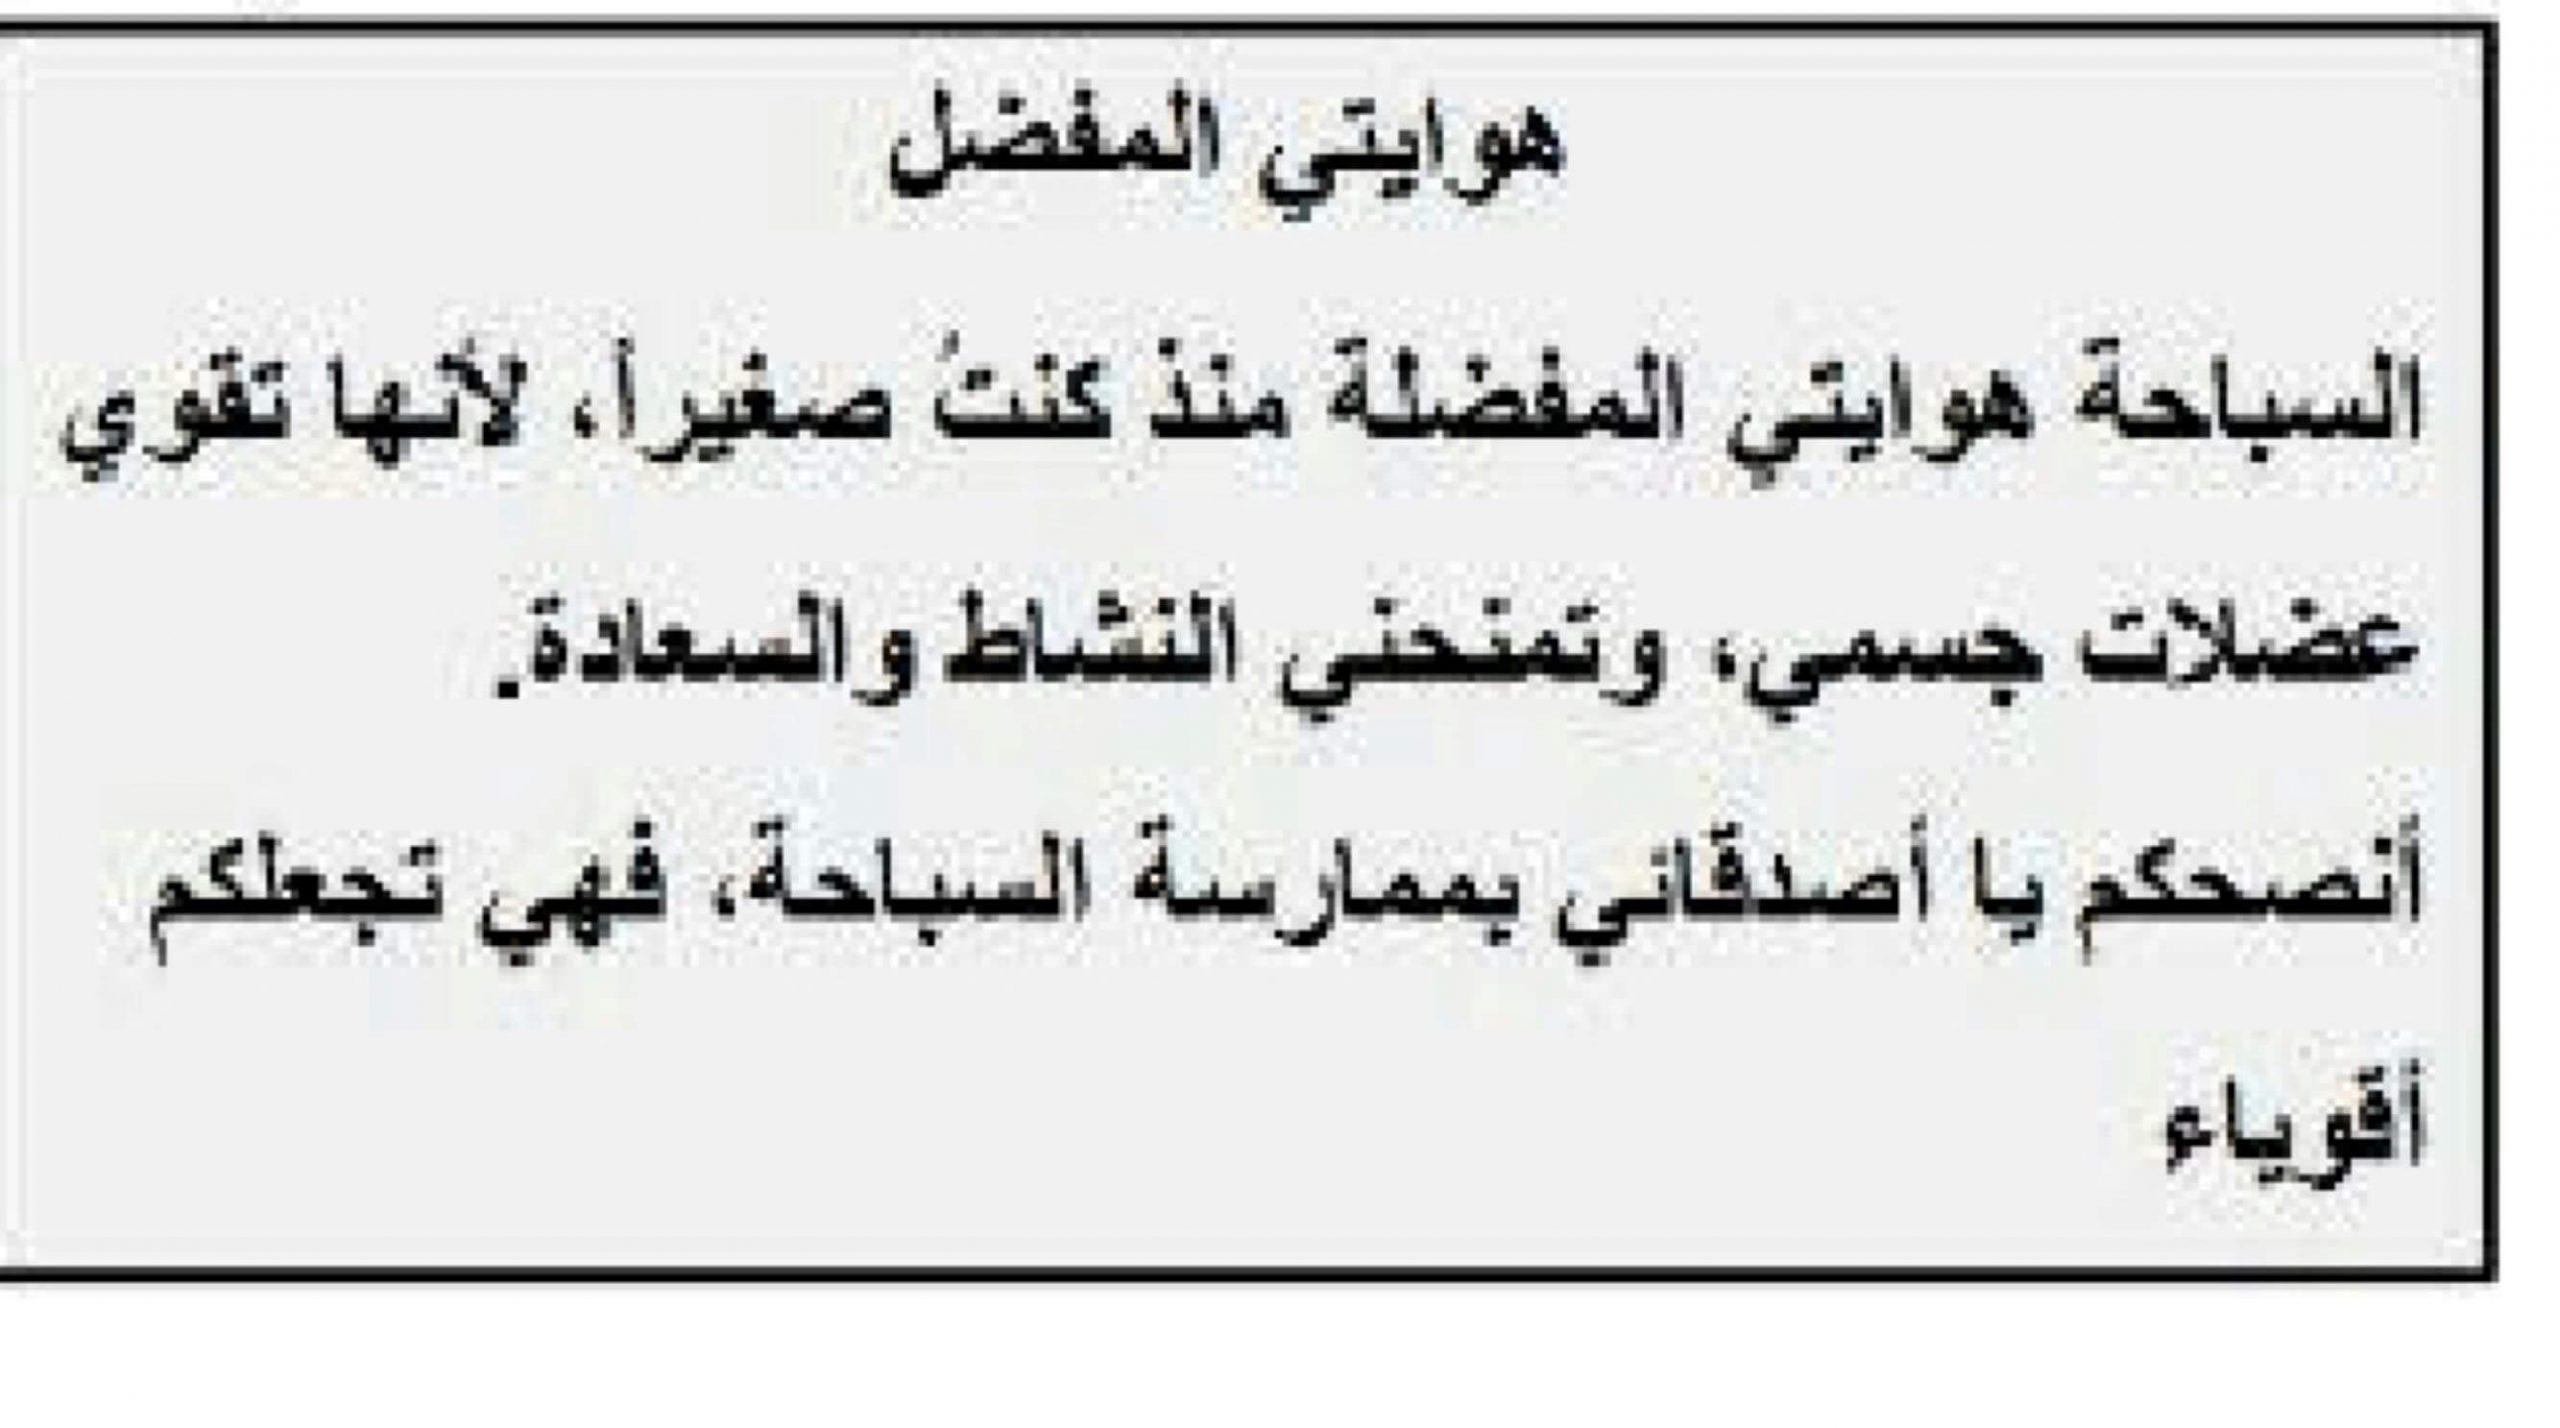 كتابة فقرات عن هوايتي المفضلة للصف الثالث مادة اللغة العربية